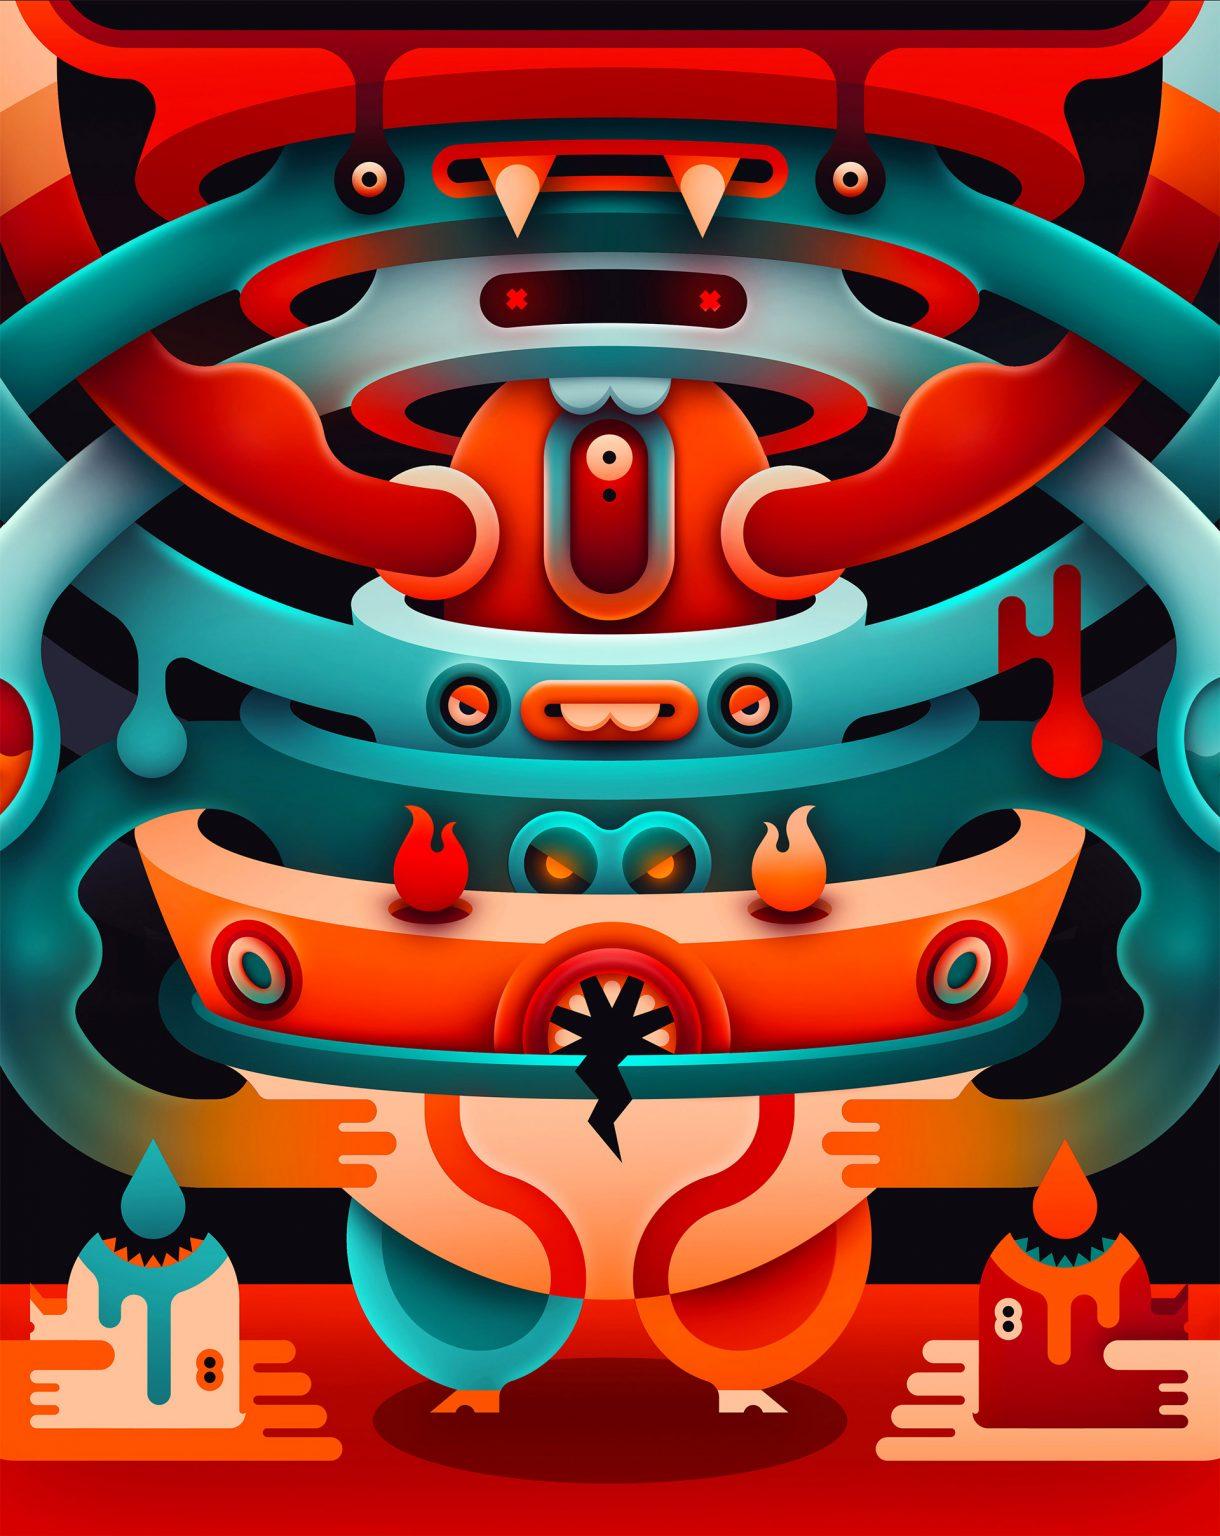 colourful digital illustration by kamil bialogrzywy